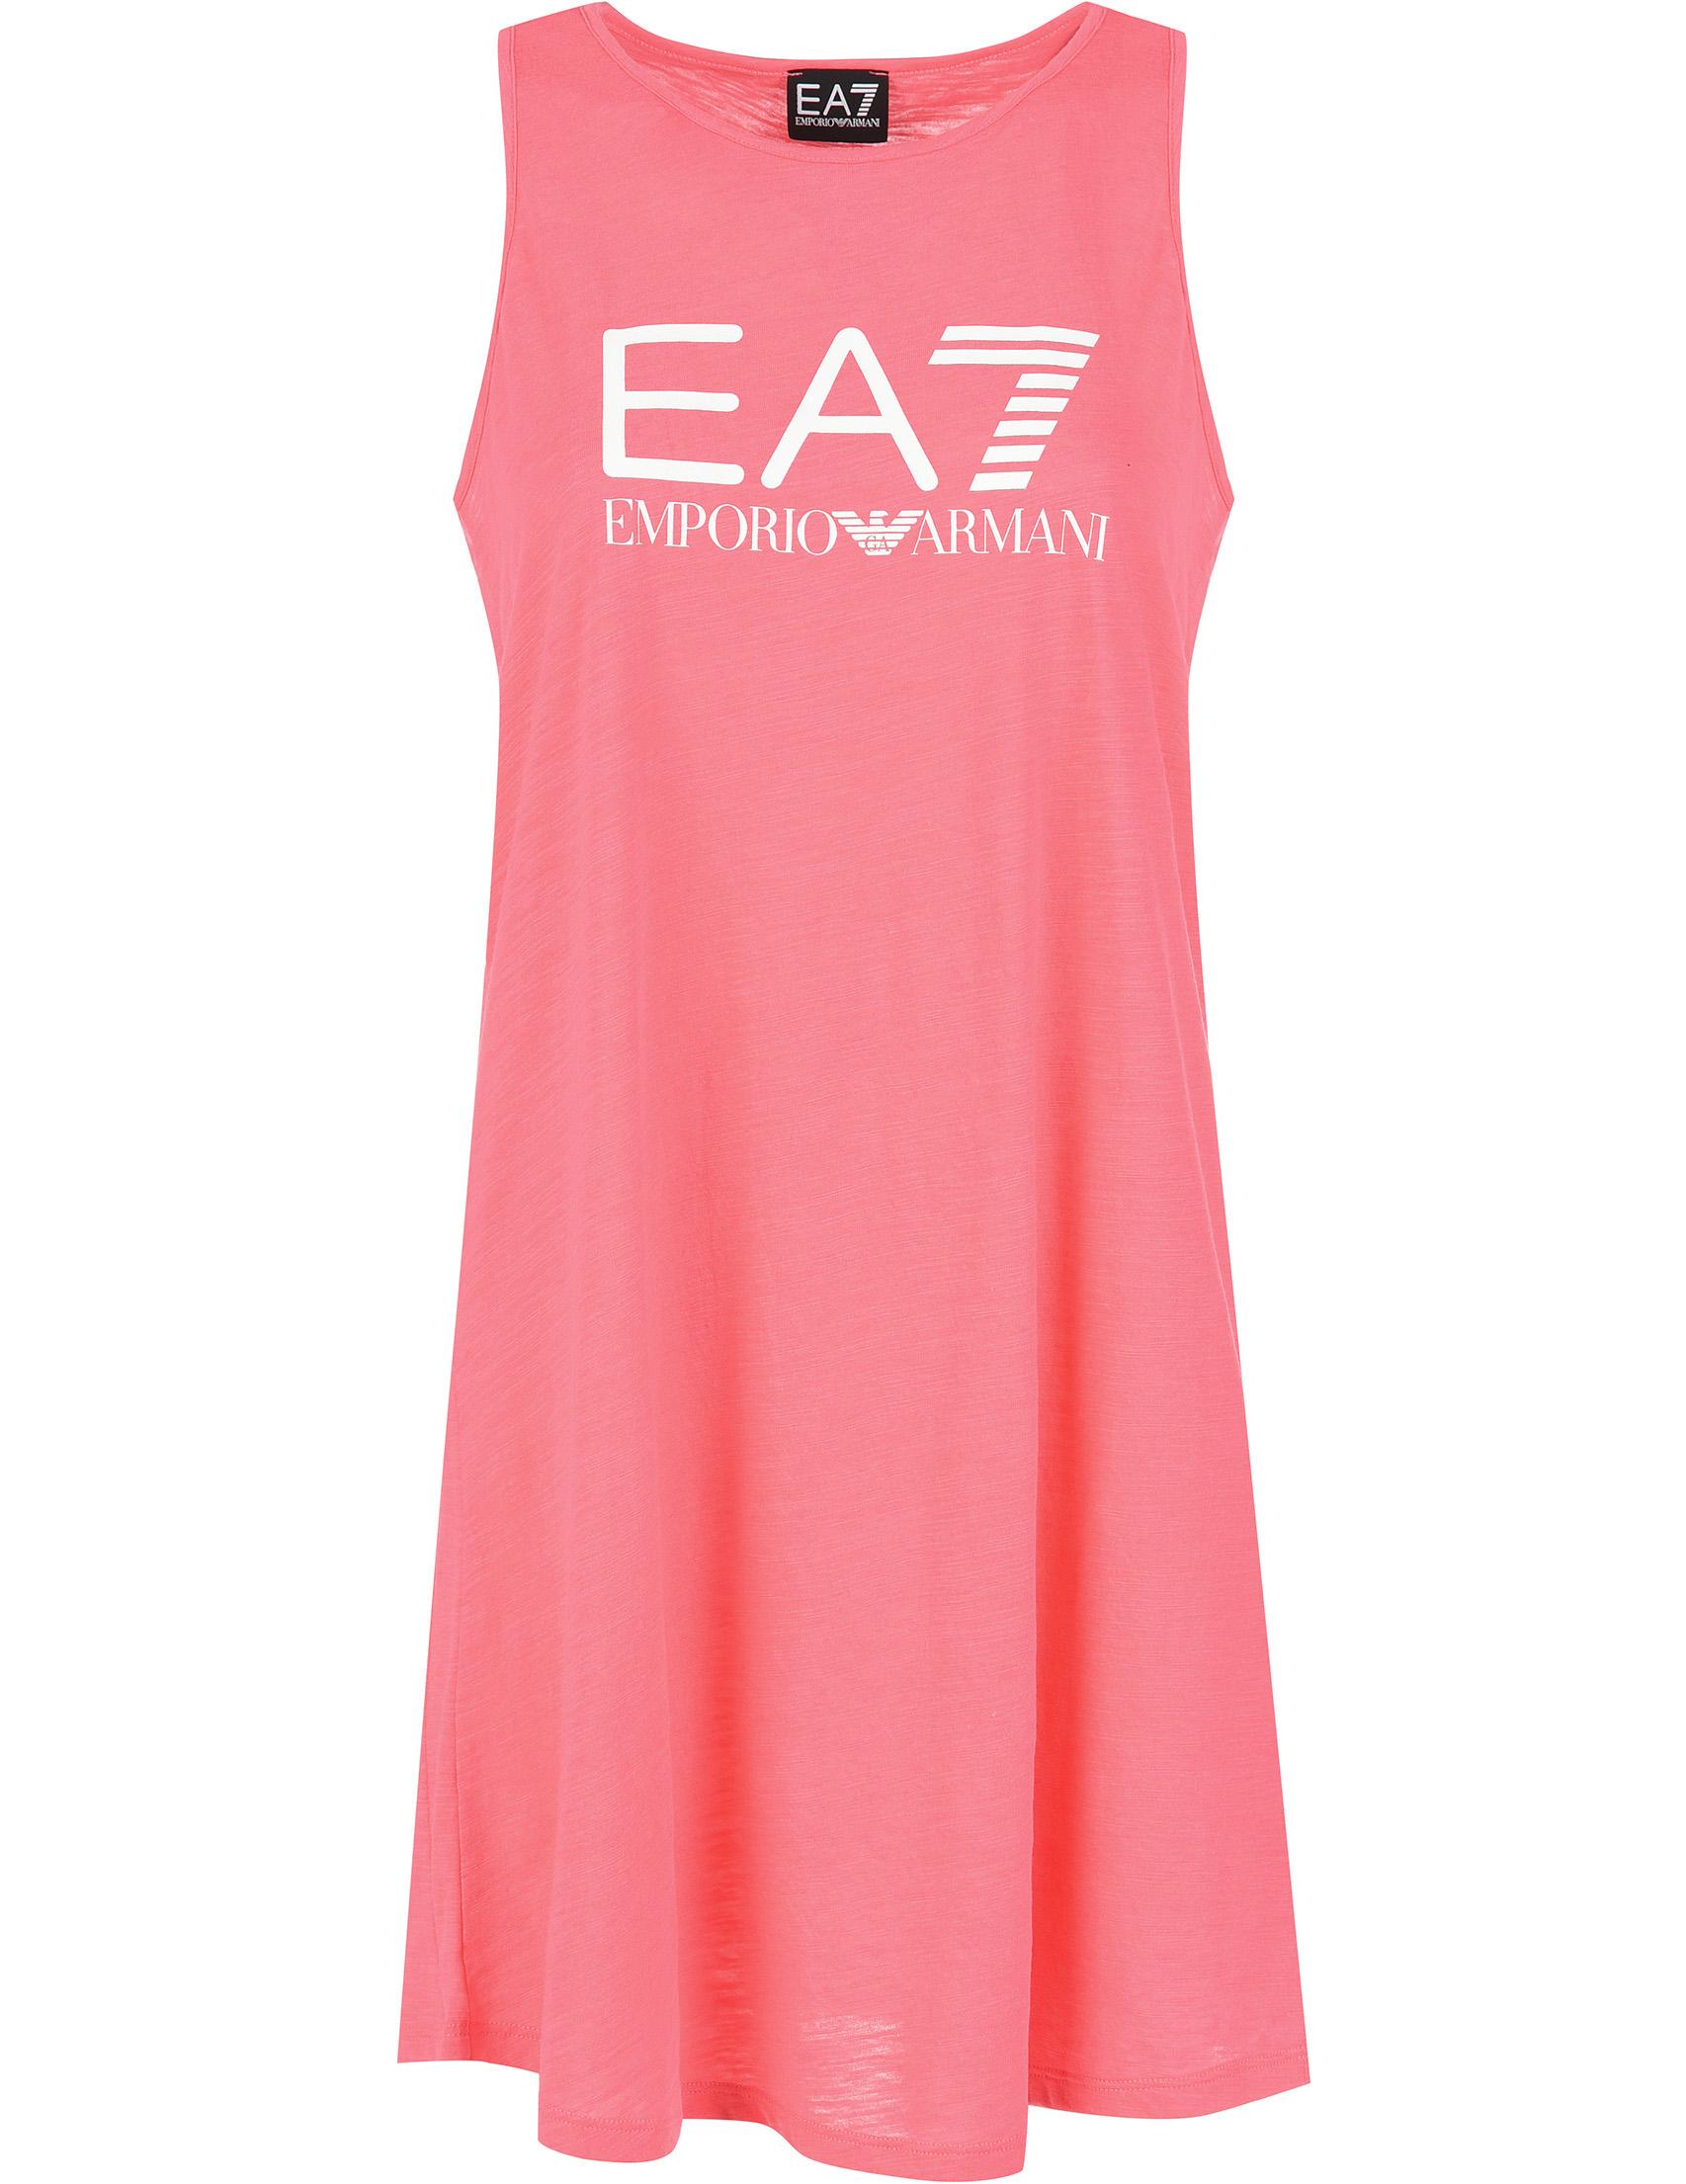 Купить Платья, Платье, EA7 EMPORIO ARMANI, Розовый, 35%Хлопок 65%Полиэстер, Весна-Лето